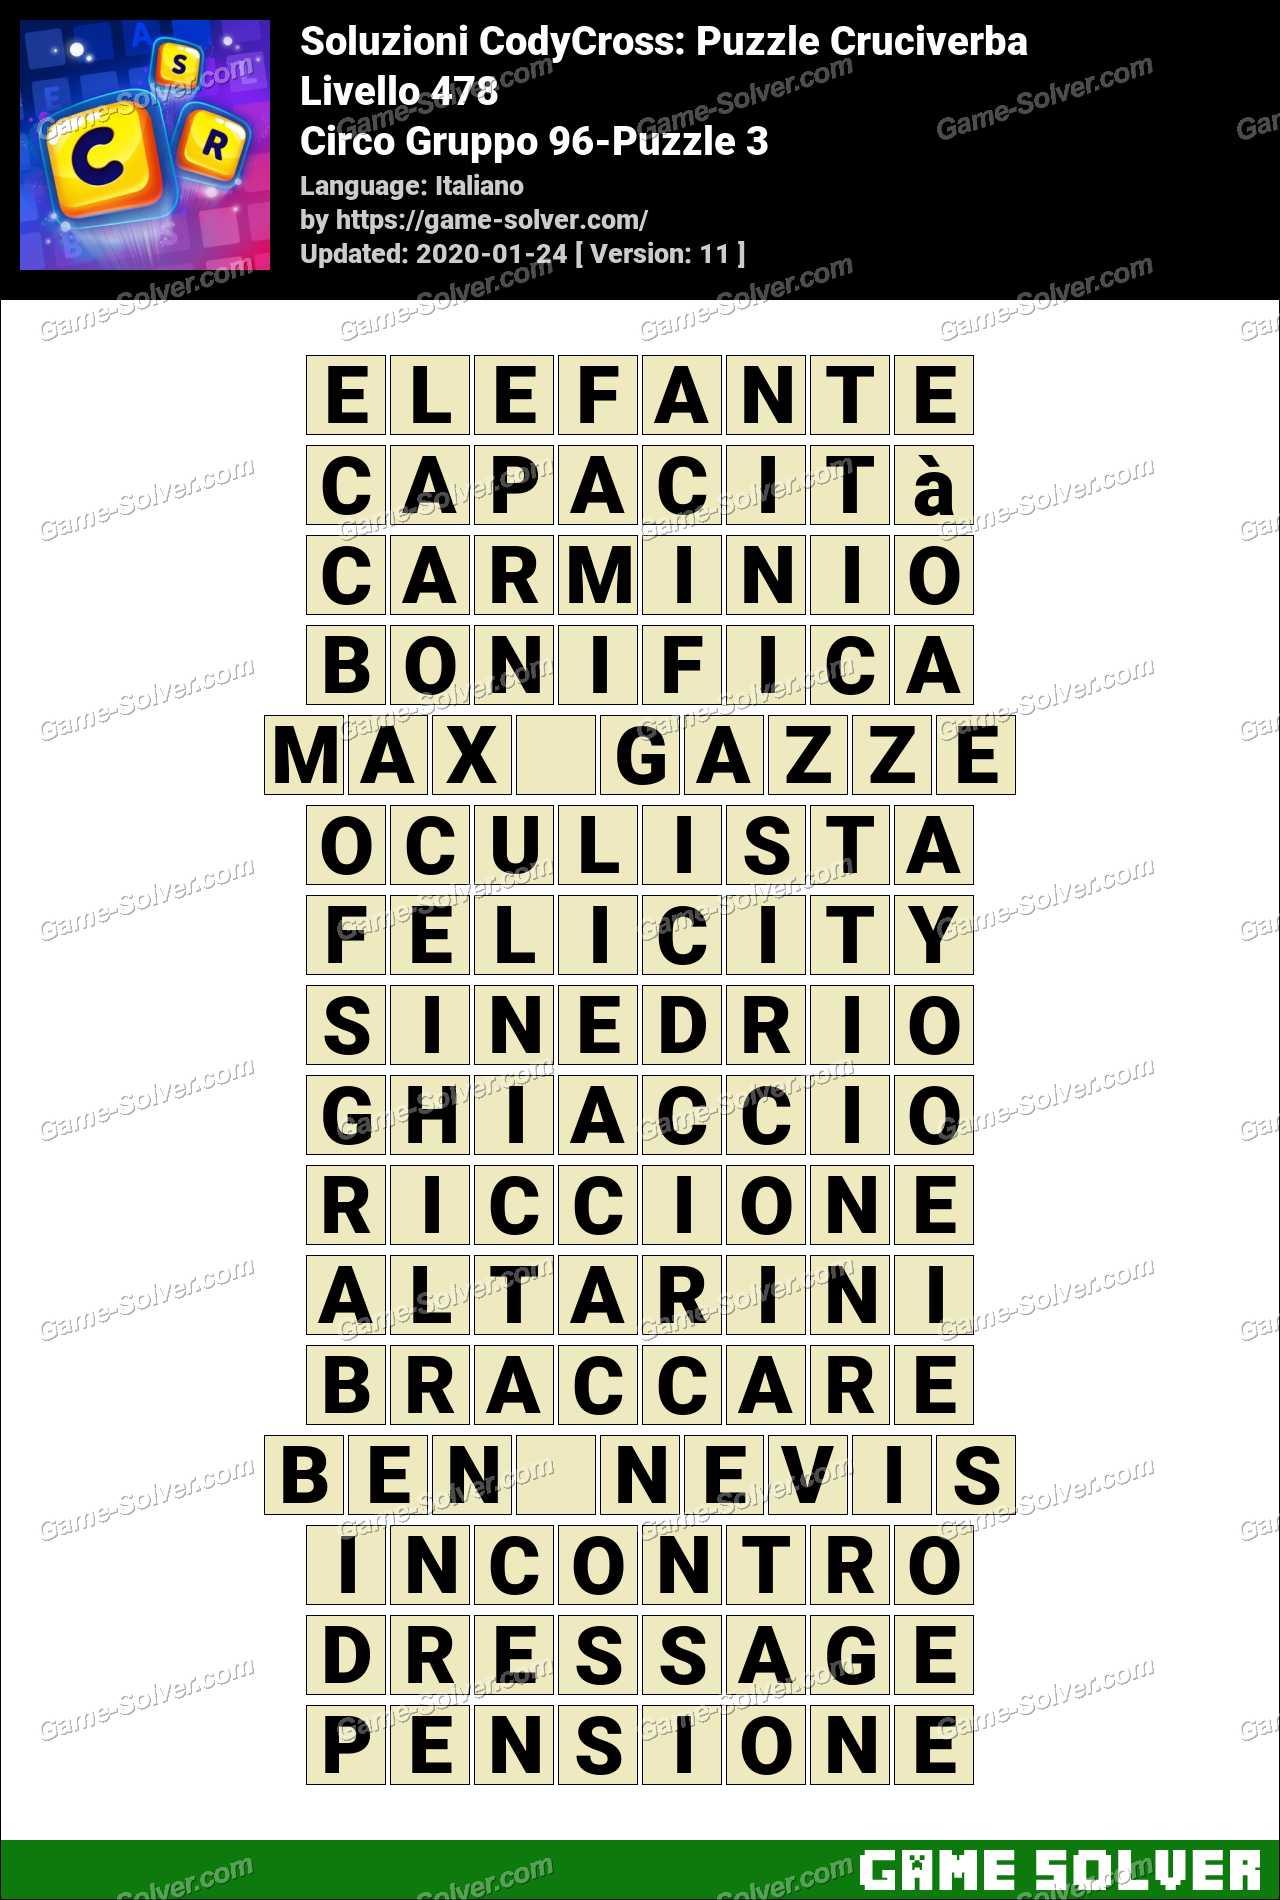 Soluzioni CodyCross Circo Gruppo 96-Puzzle 3